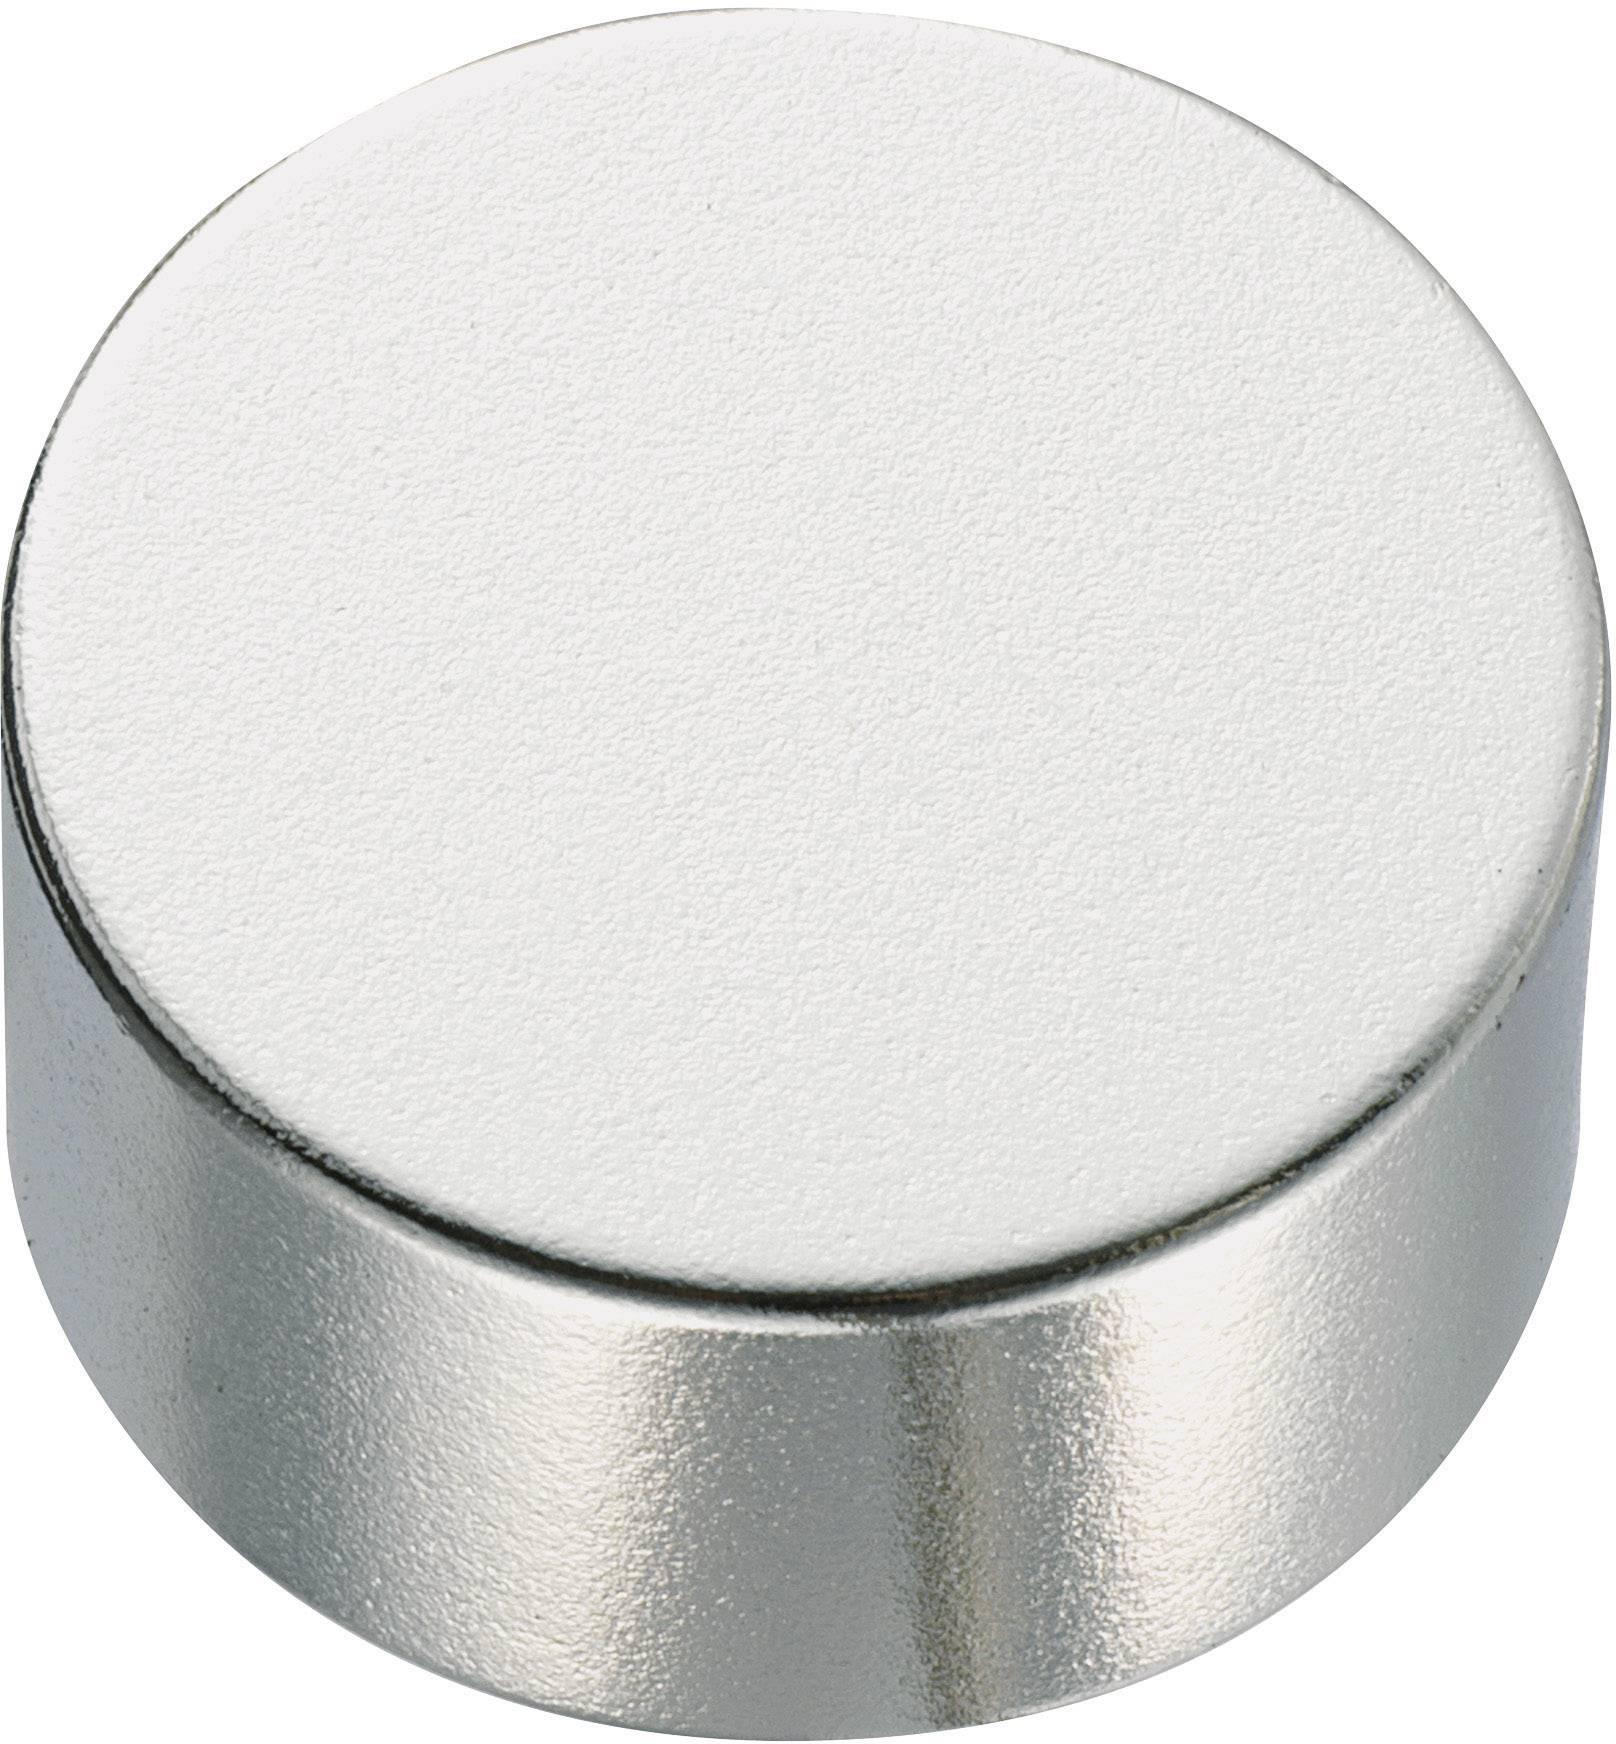 Permanentní magnet, válcový, N35M, 1.24 T, Max. pracovní teplota: 100 °C, 2 x 10 mm